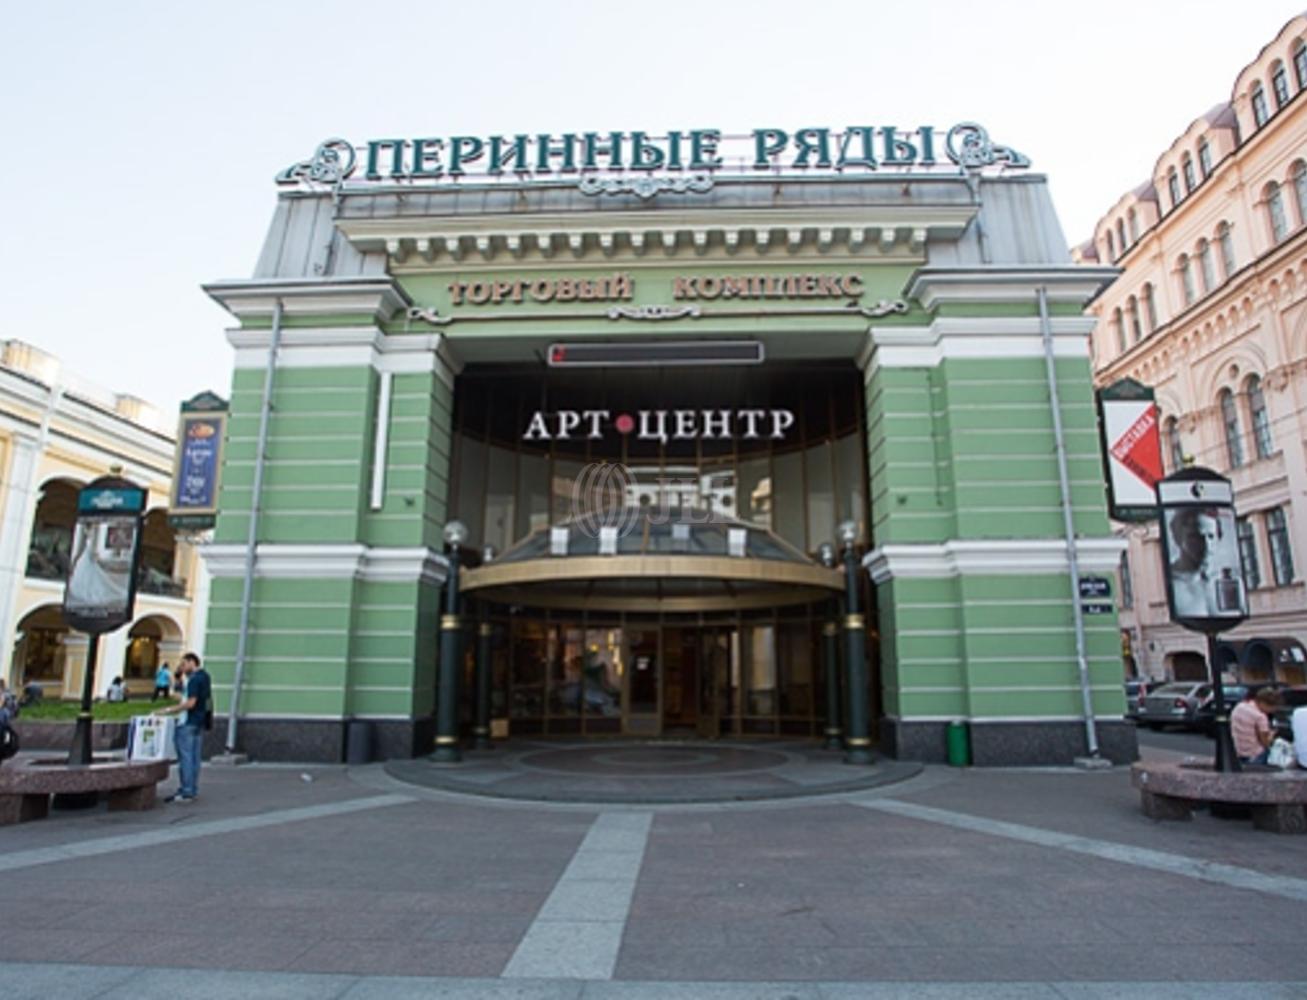 Офисная недвижимость Санкт-петербург - Перинные ряды